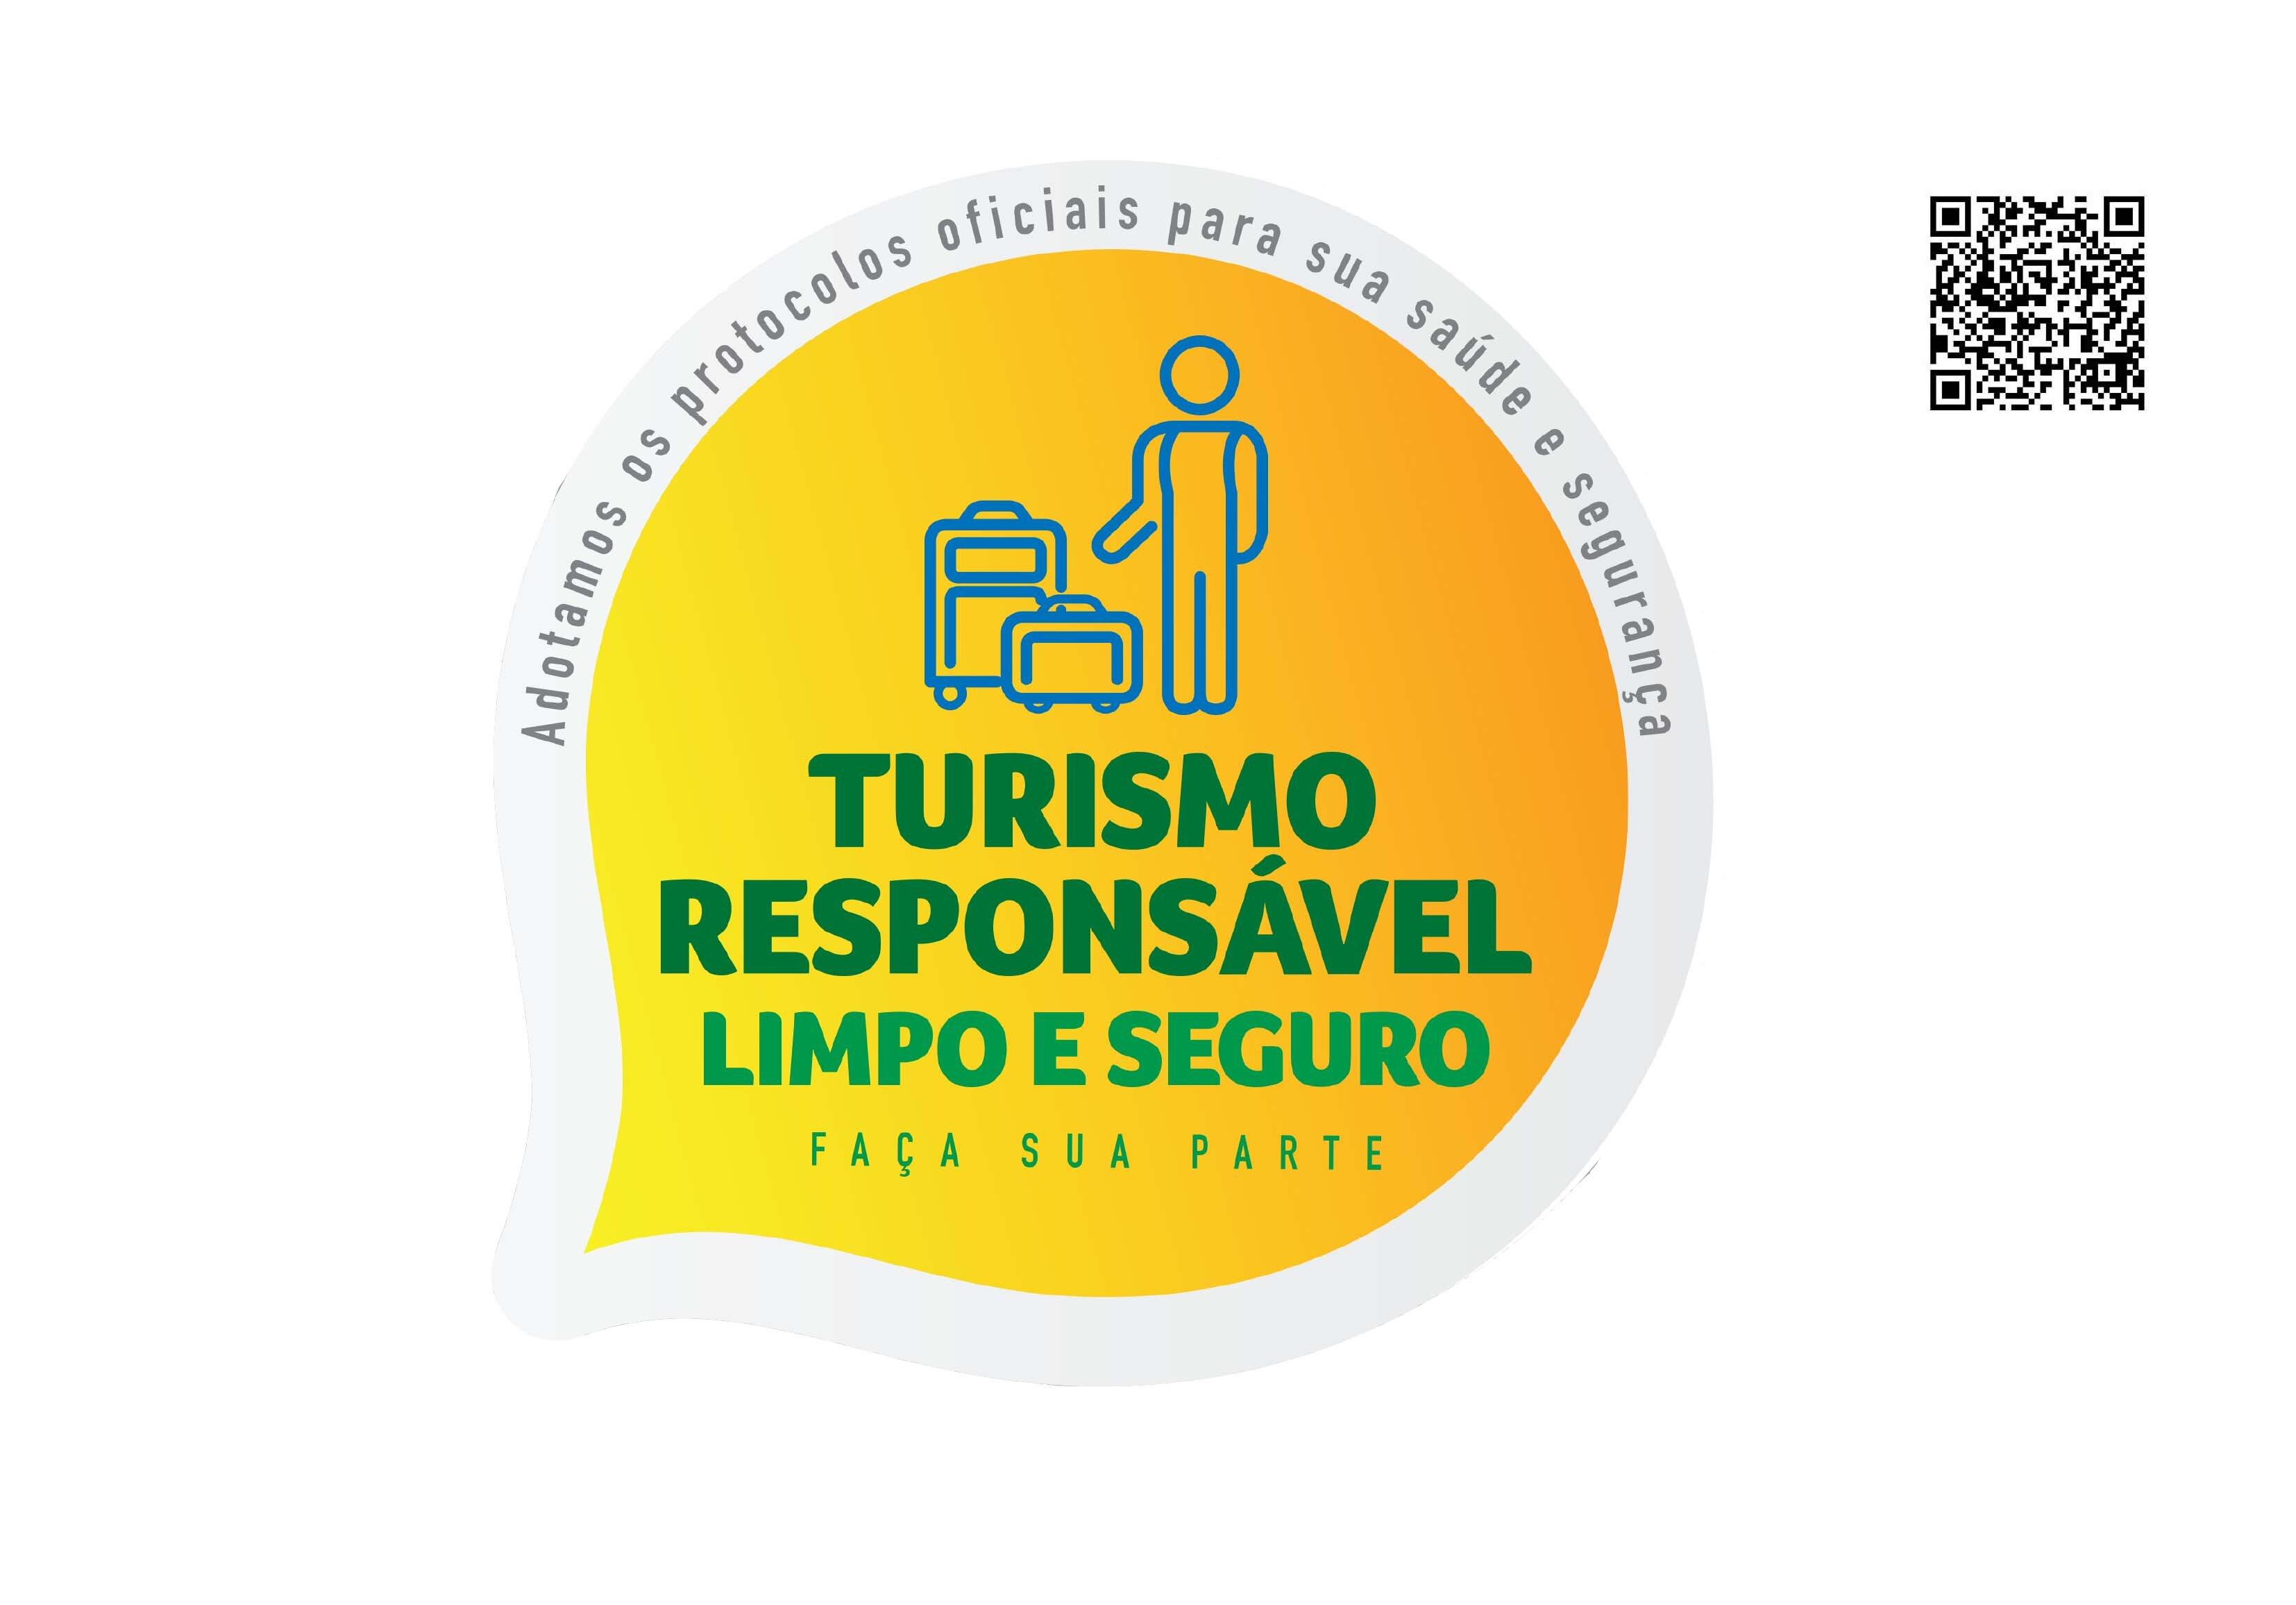 Selo de turismo responsável